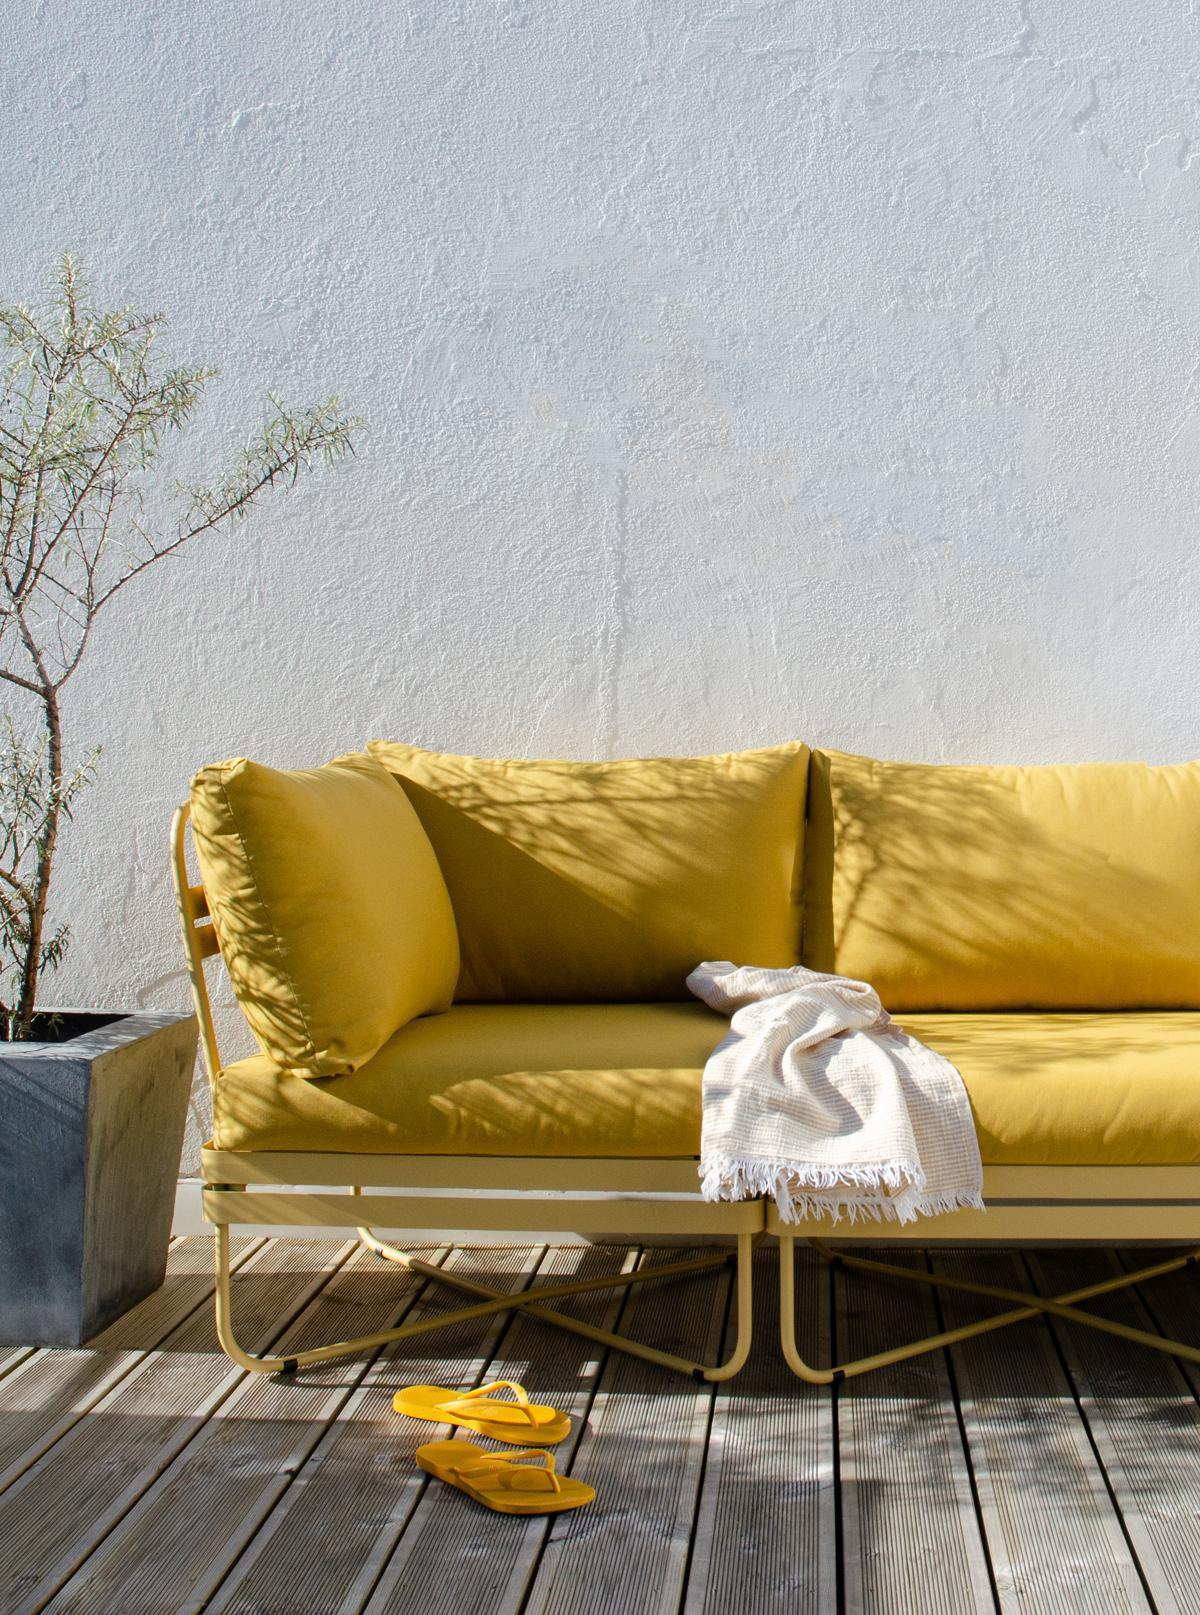 2K2H_Bris_sofa_outdoor_SY_01_yggoglyng